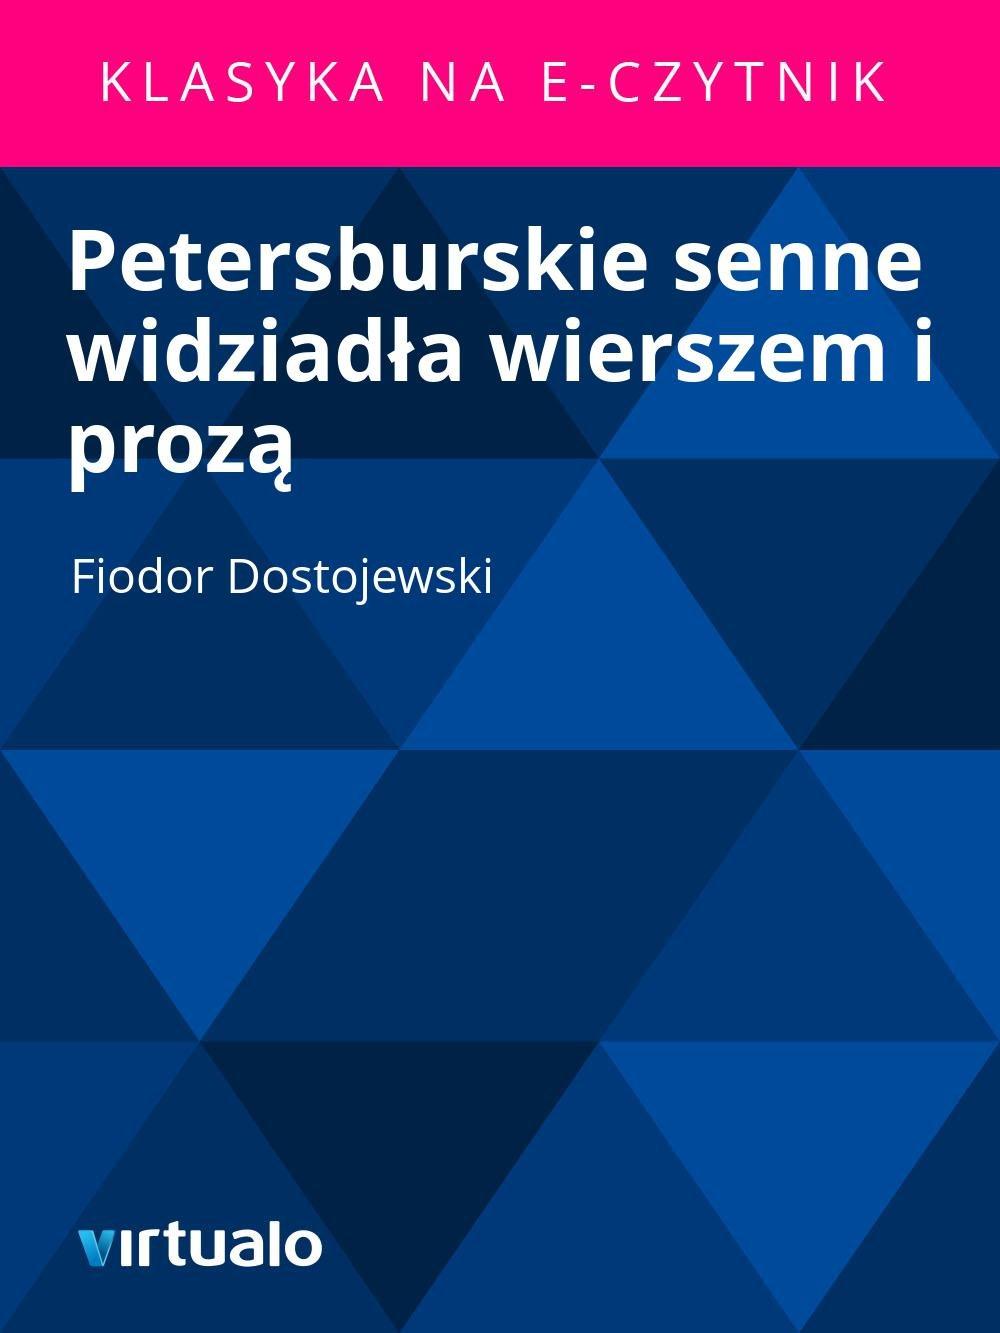 Petersburskie senne widziadła wierszem i prozą - Ebook (Książka EPUB) do pobrania w formacie EPUB